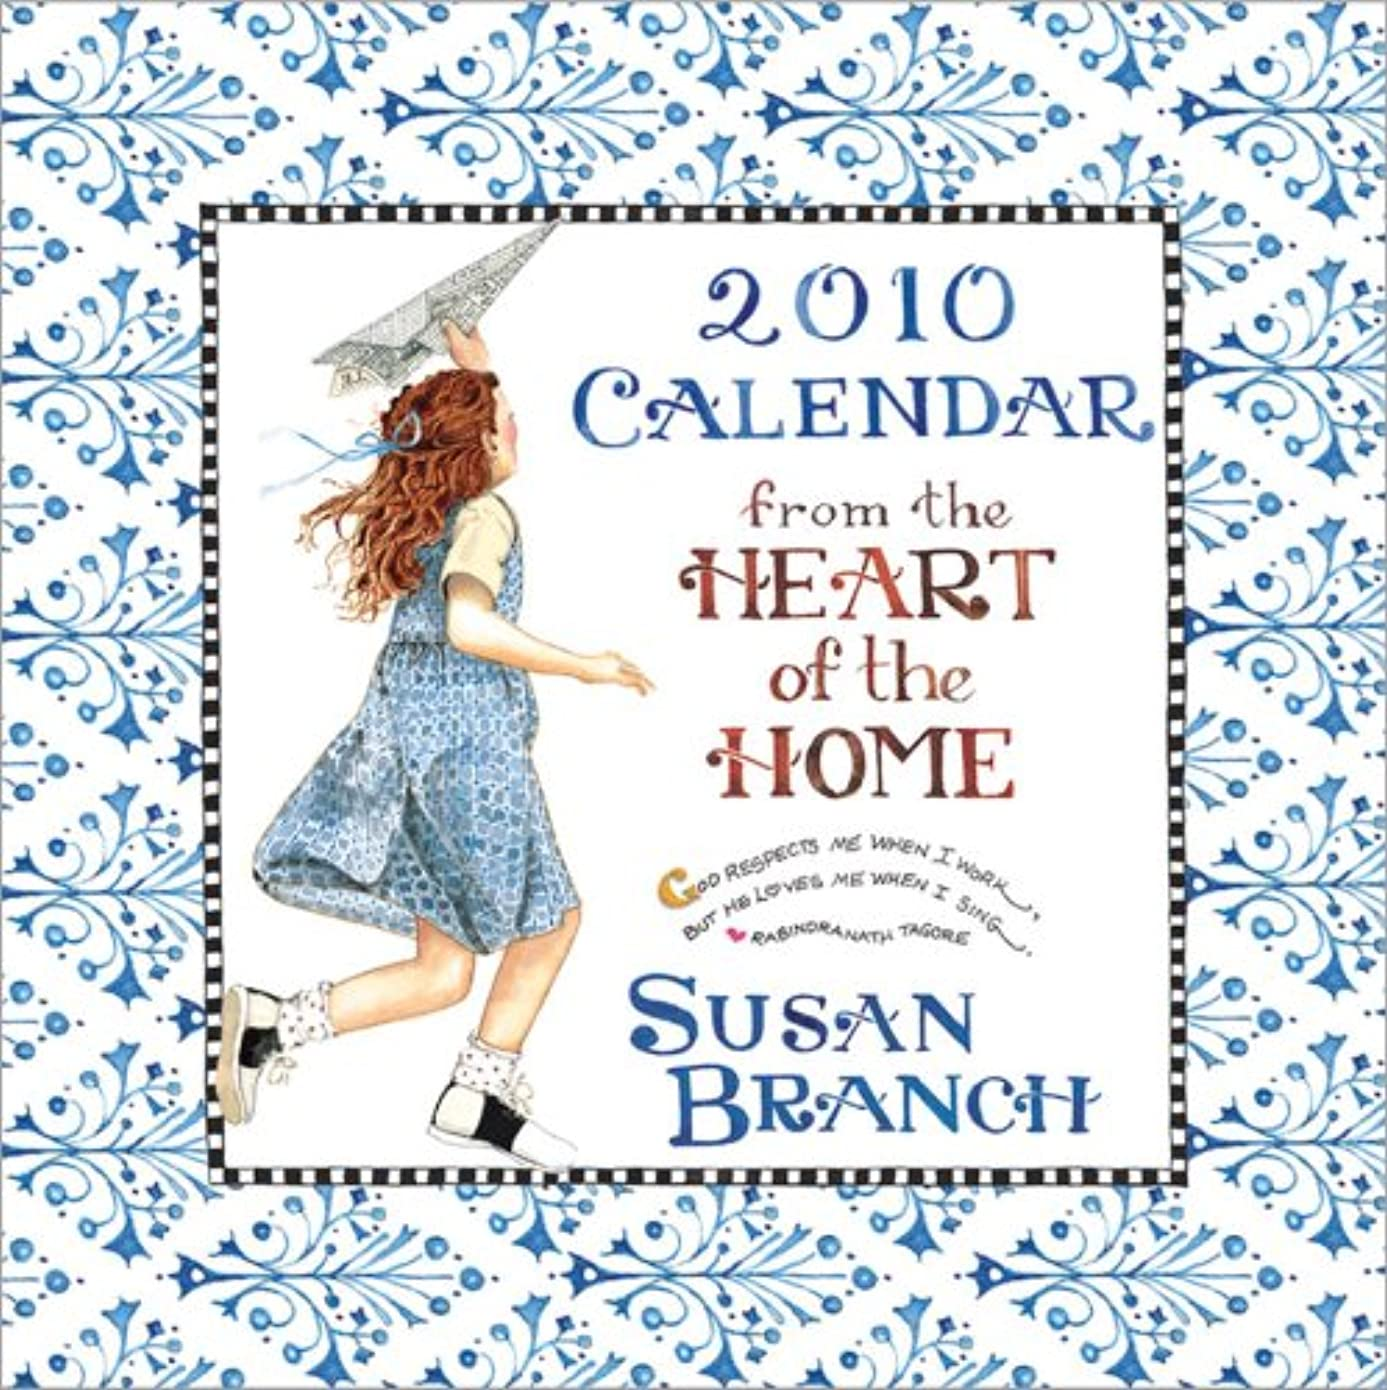 クレーターミルク非アクティブHeart of the Home-Susan Branch 2010 Wall Calendar